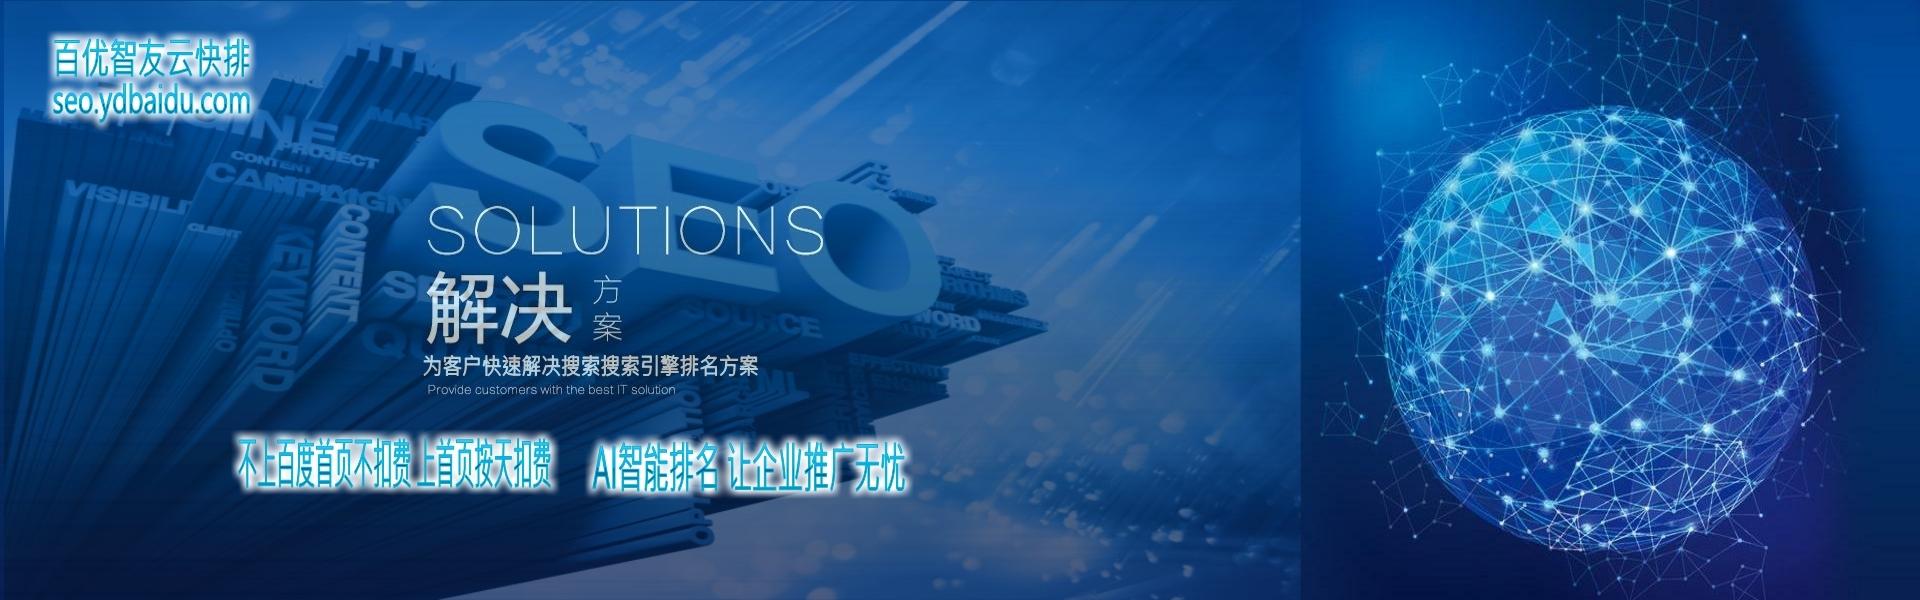 惠州網站建設推廣全網絡推廣|seo優化推廣找百優智友